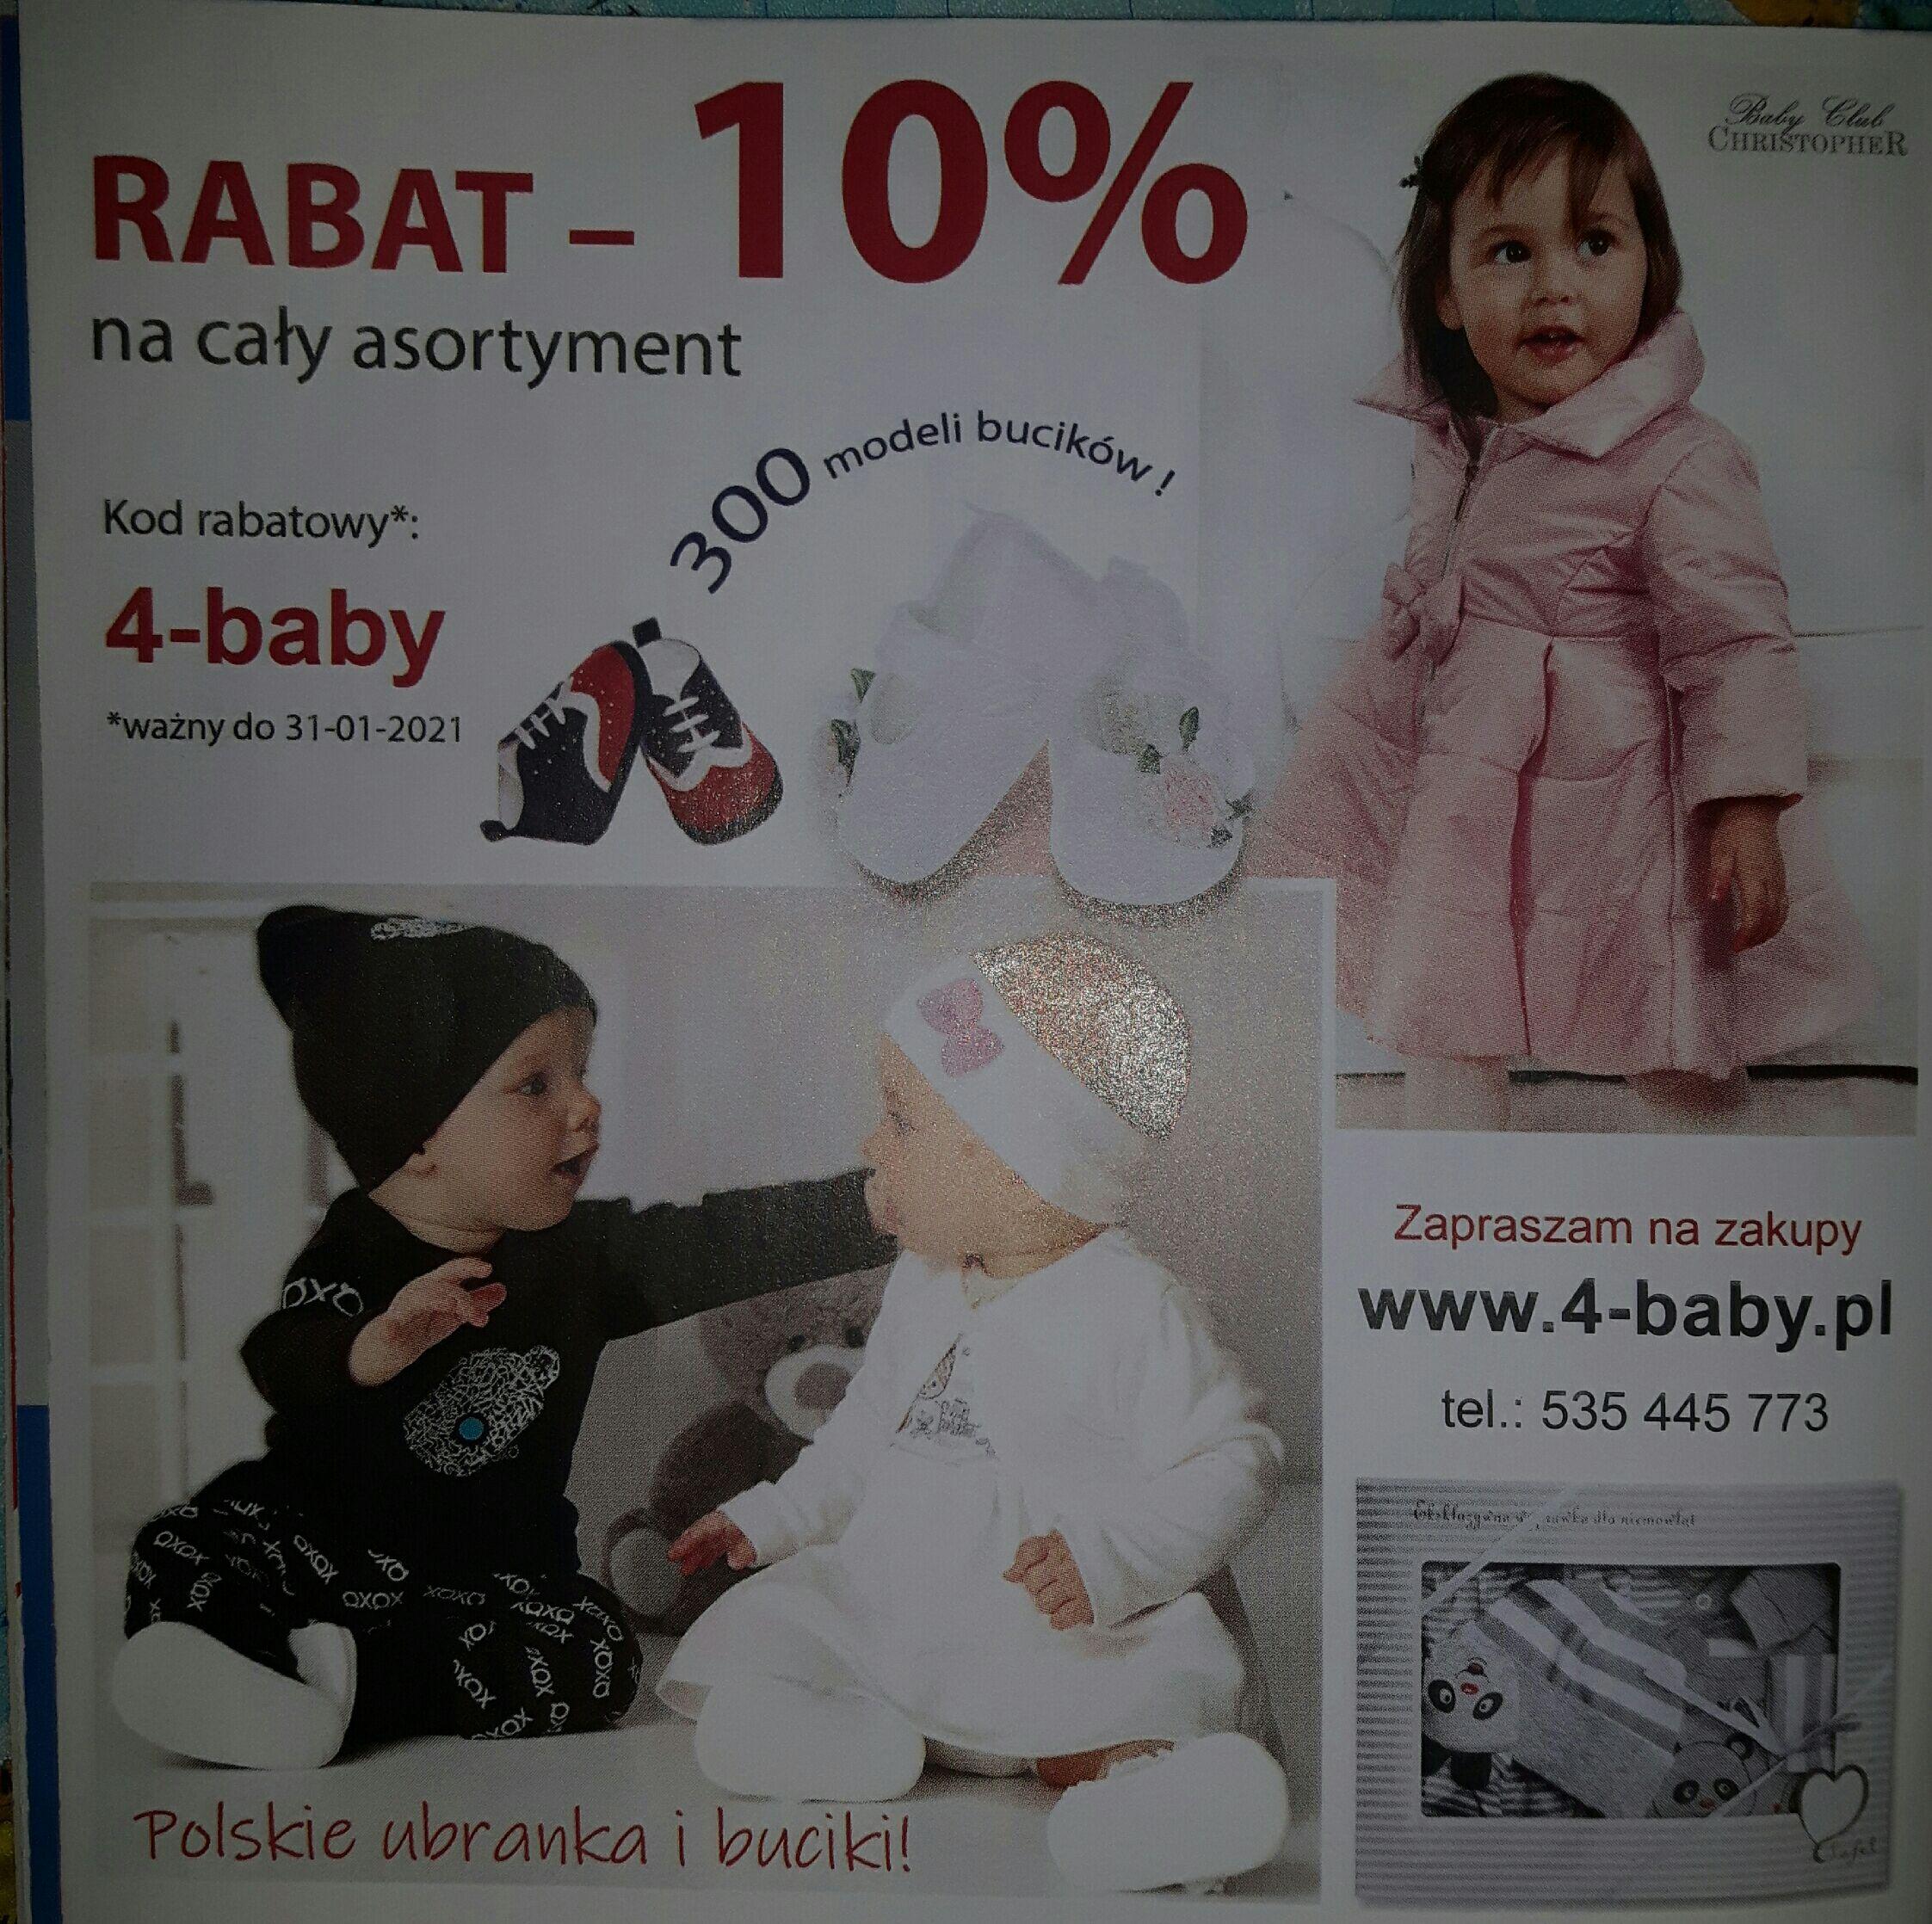 Rabat 10% na www.4-baby.pl